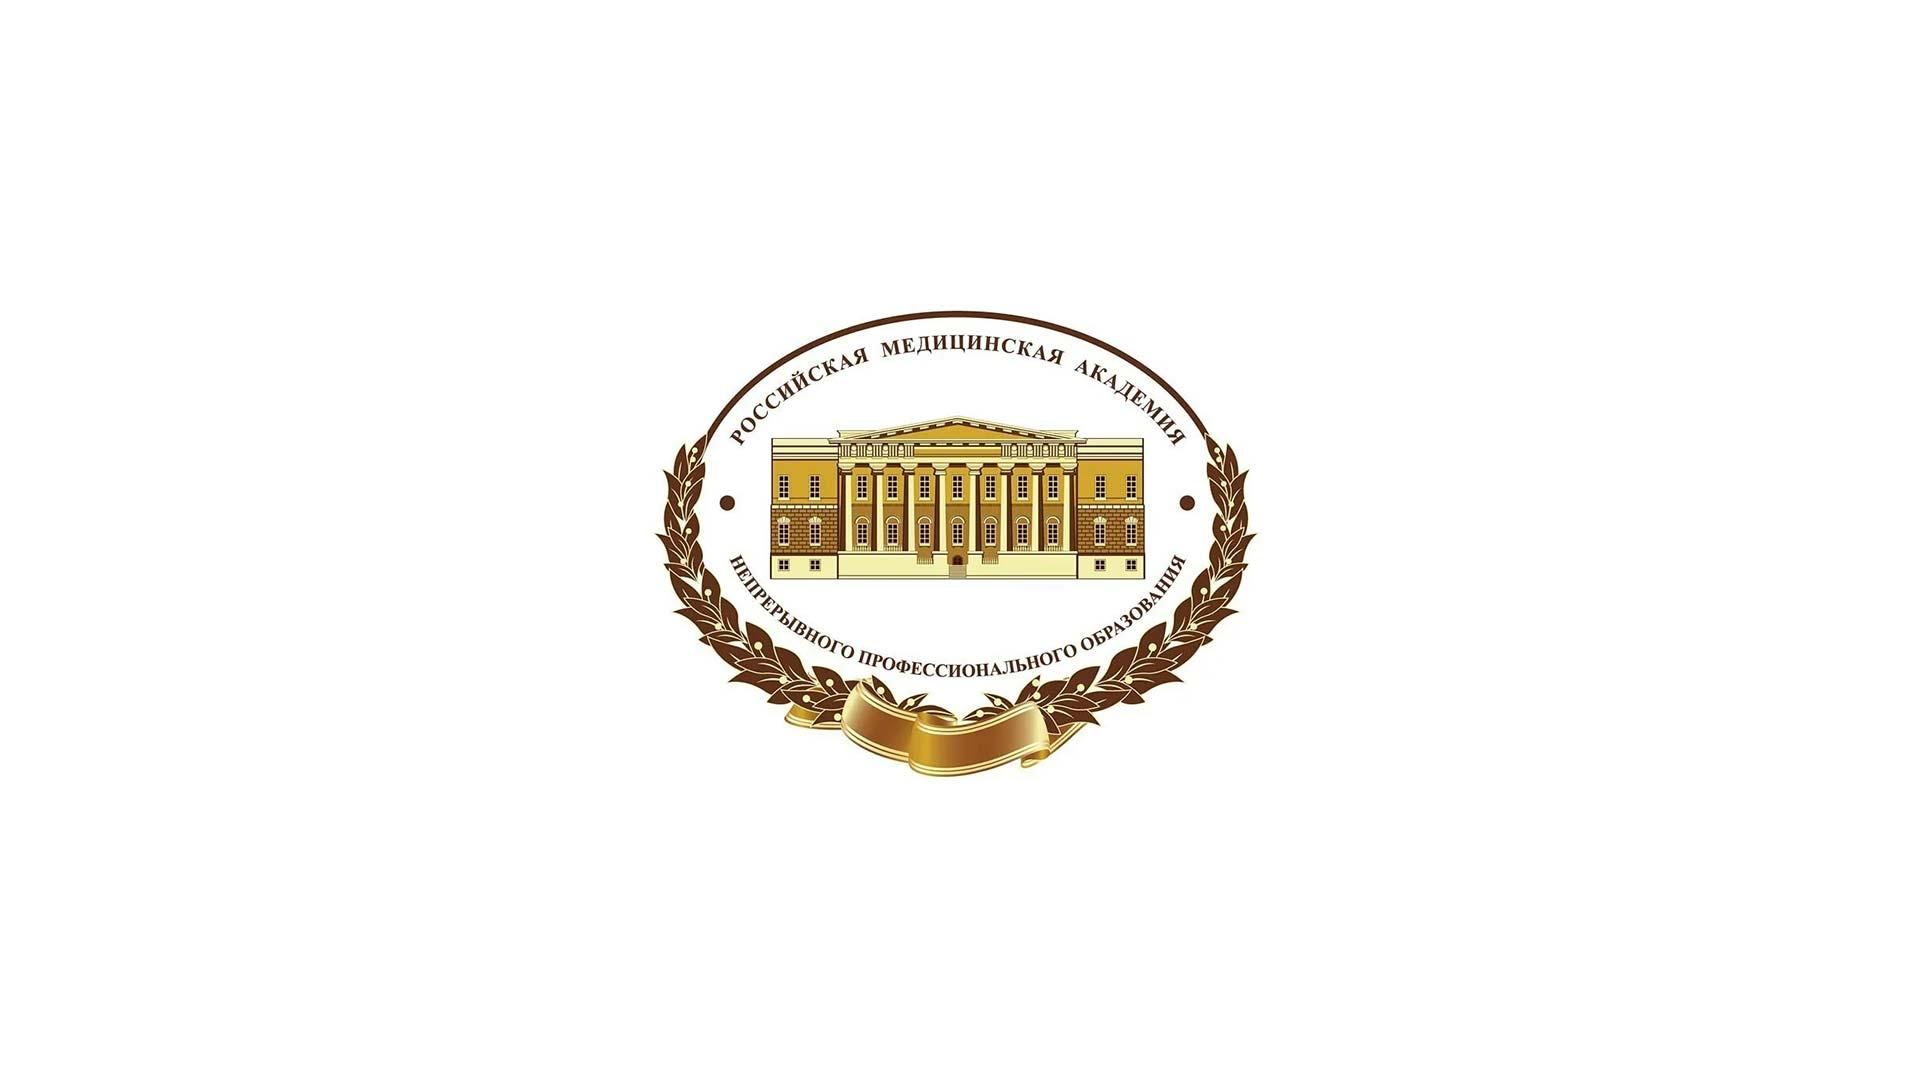 Разработка логотипа РМАНПО ФОНД - прошлая версия